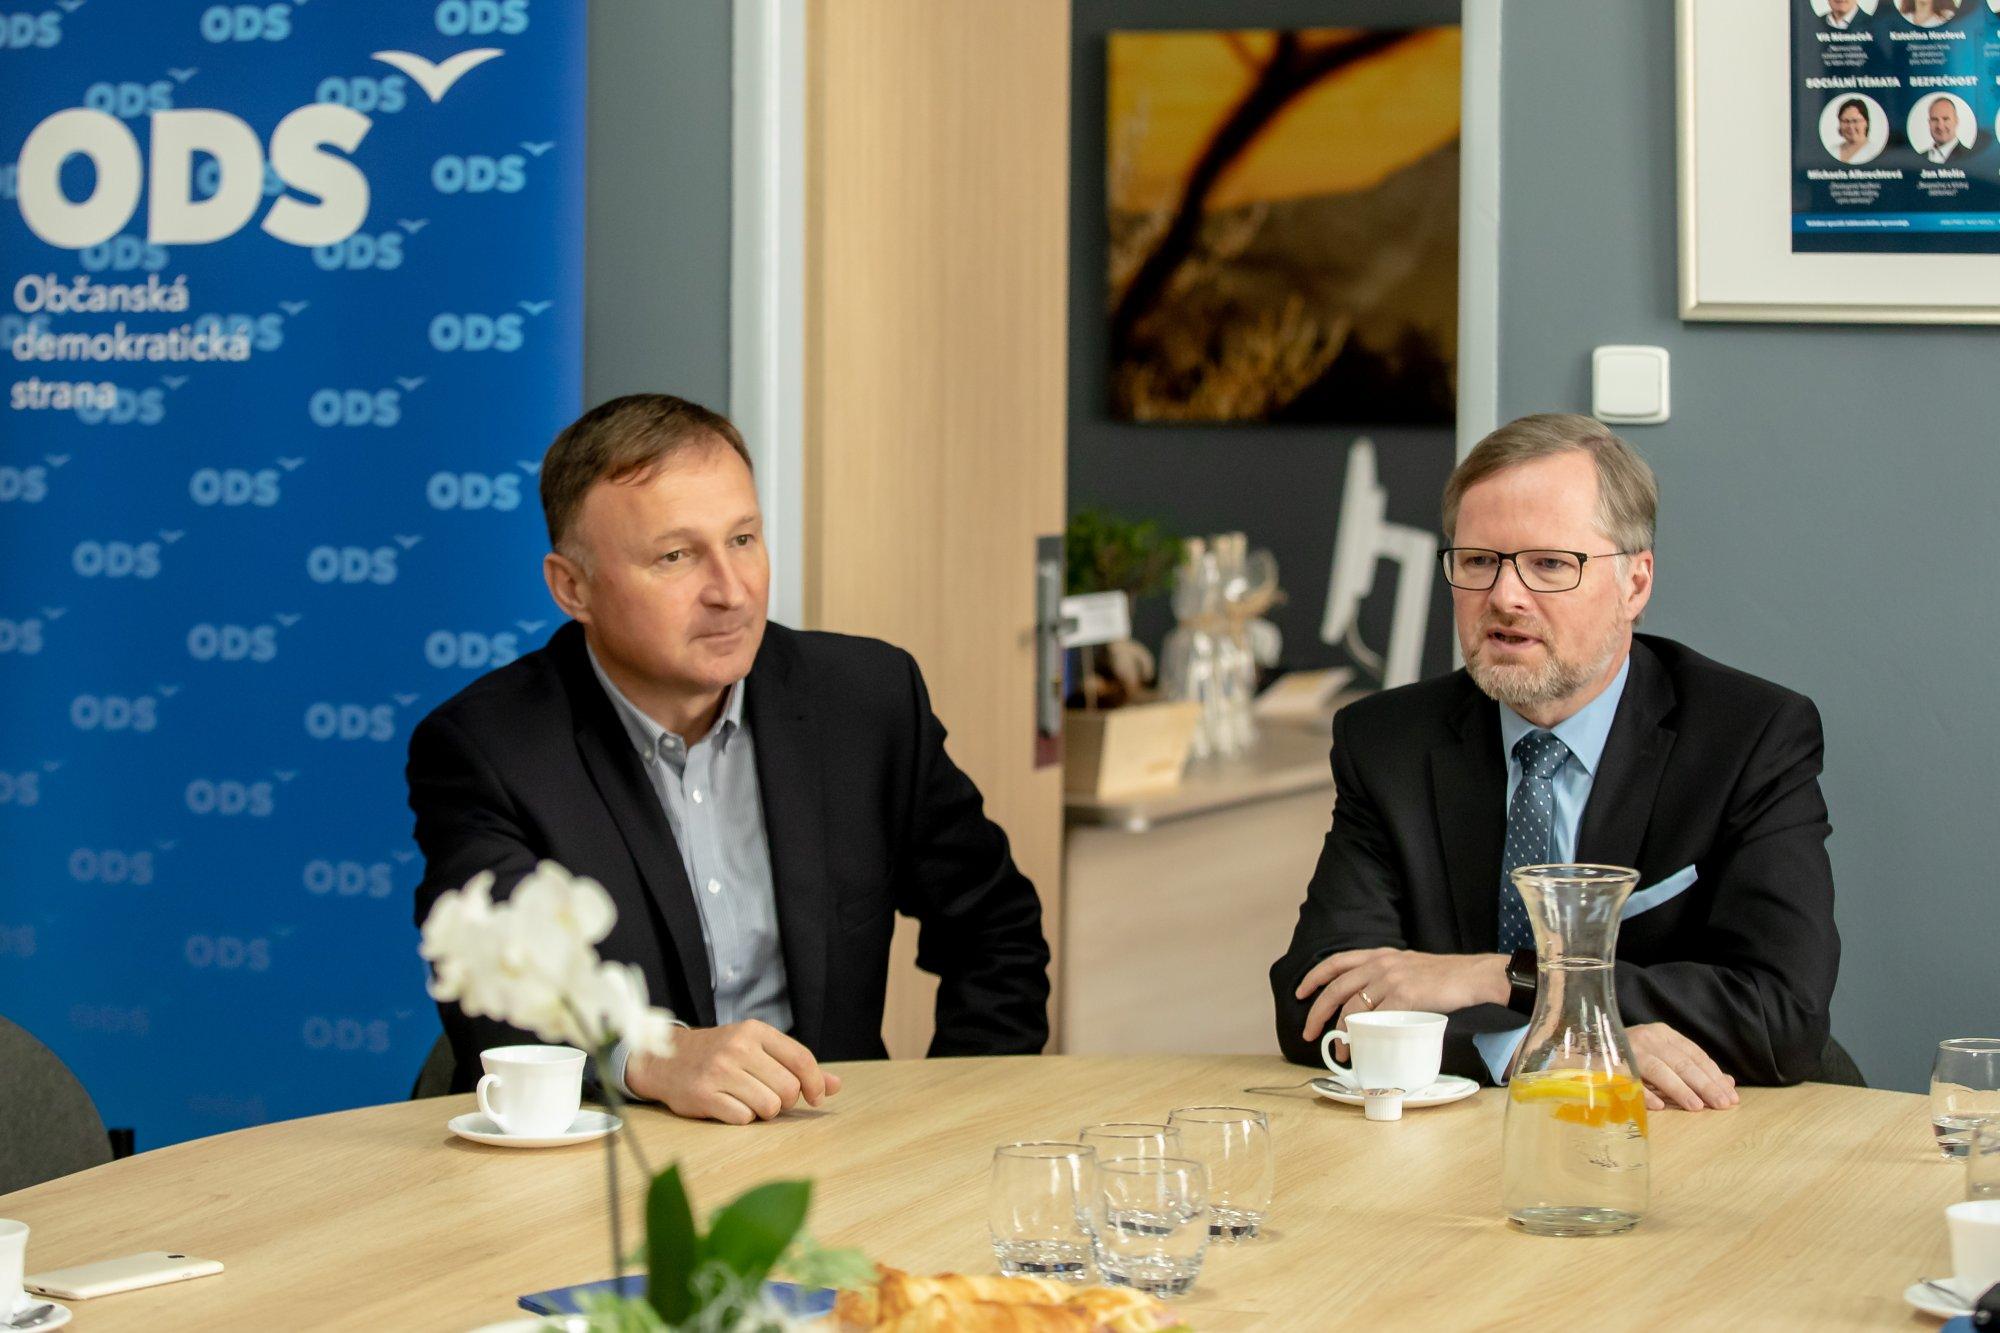 ODS: Česká vláda hraje hru na řešení krize, přitom nepožádala o koordinovaný postup další země